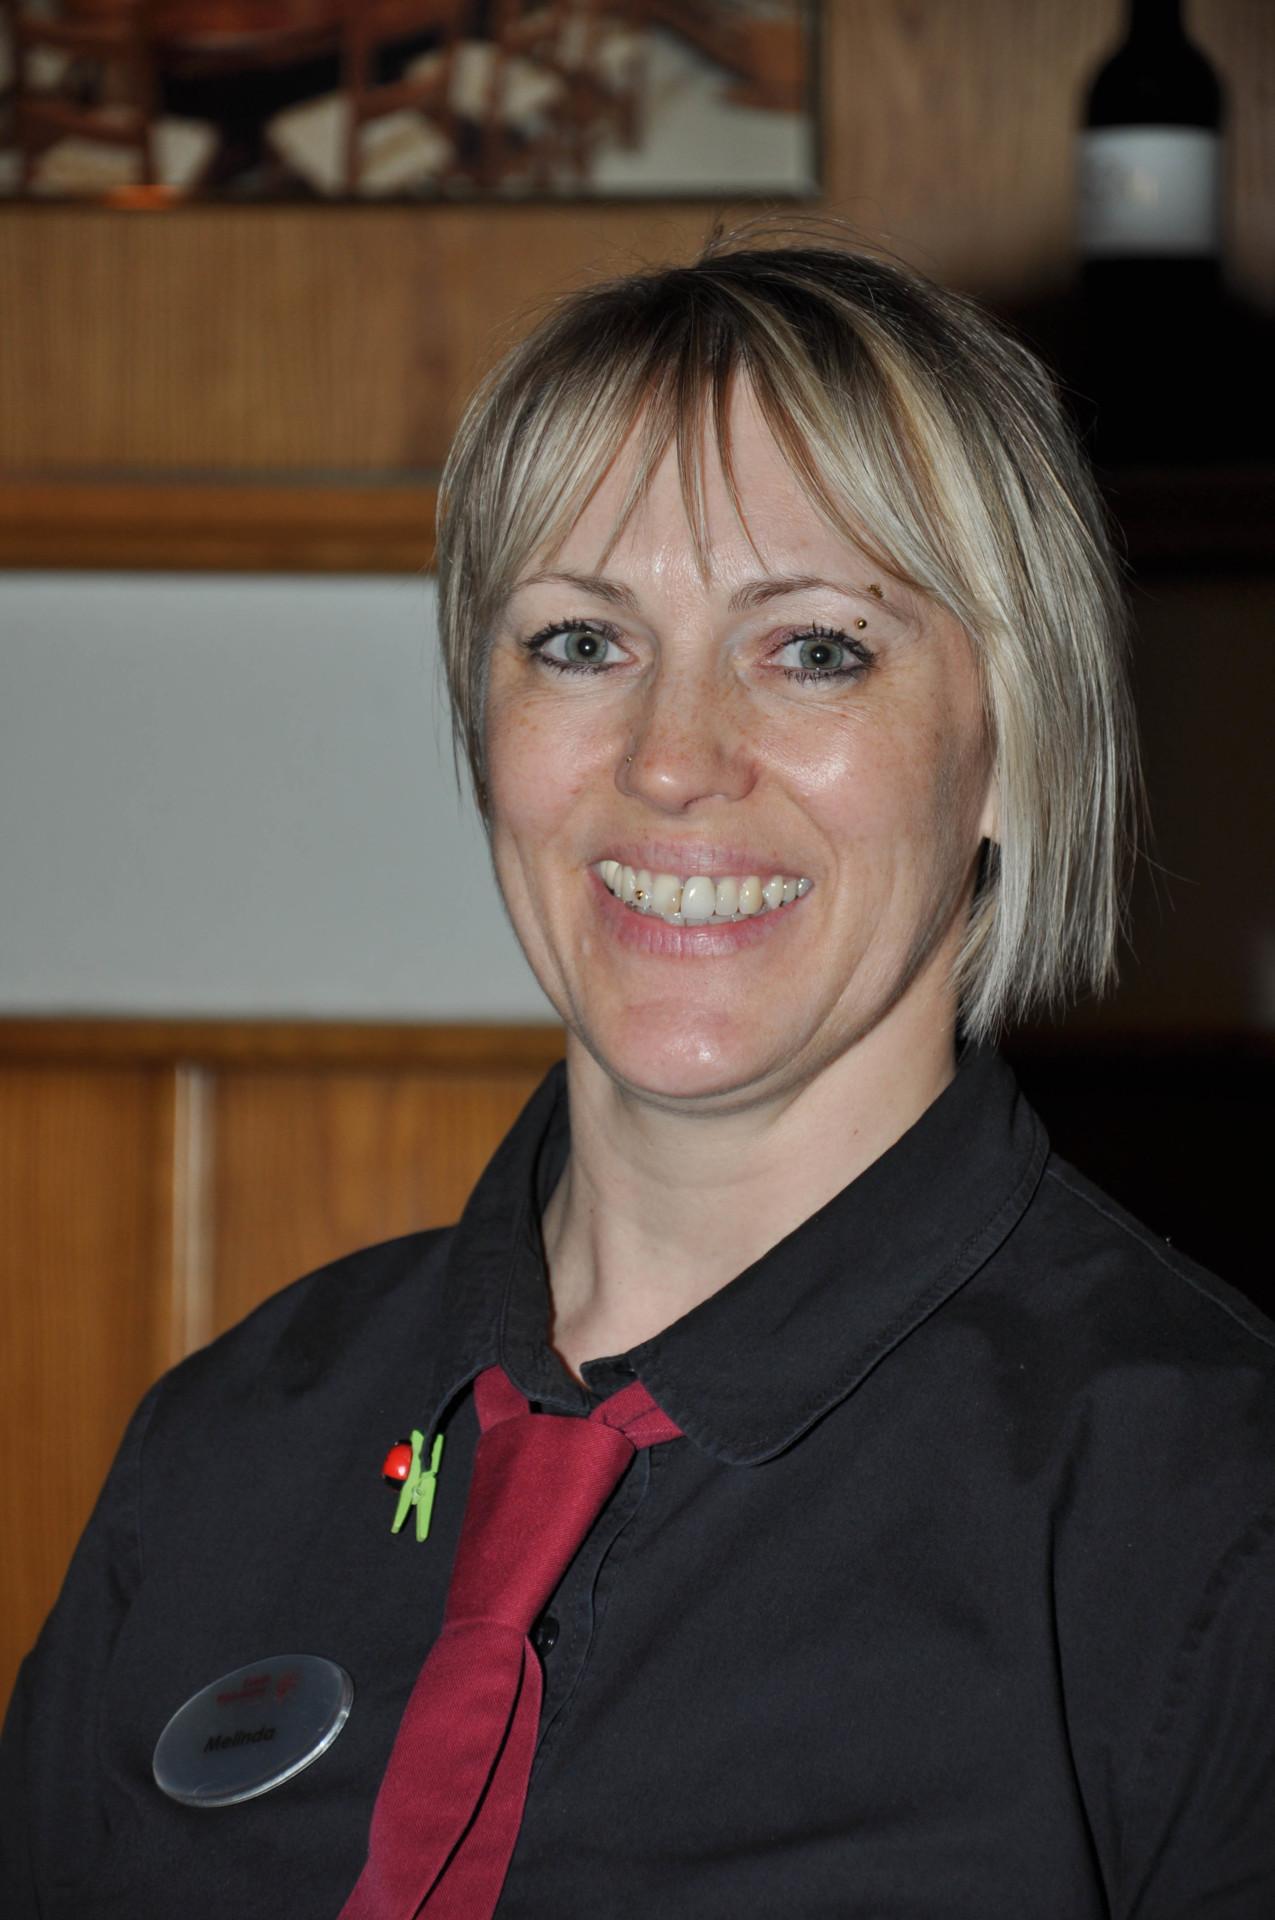 Melinda Morath